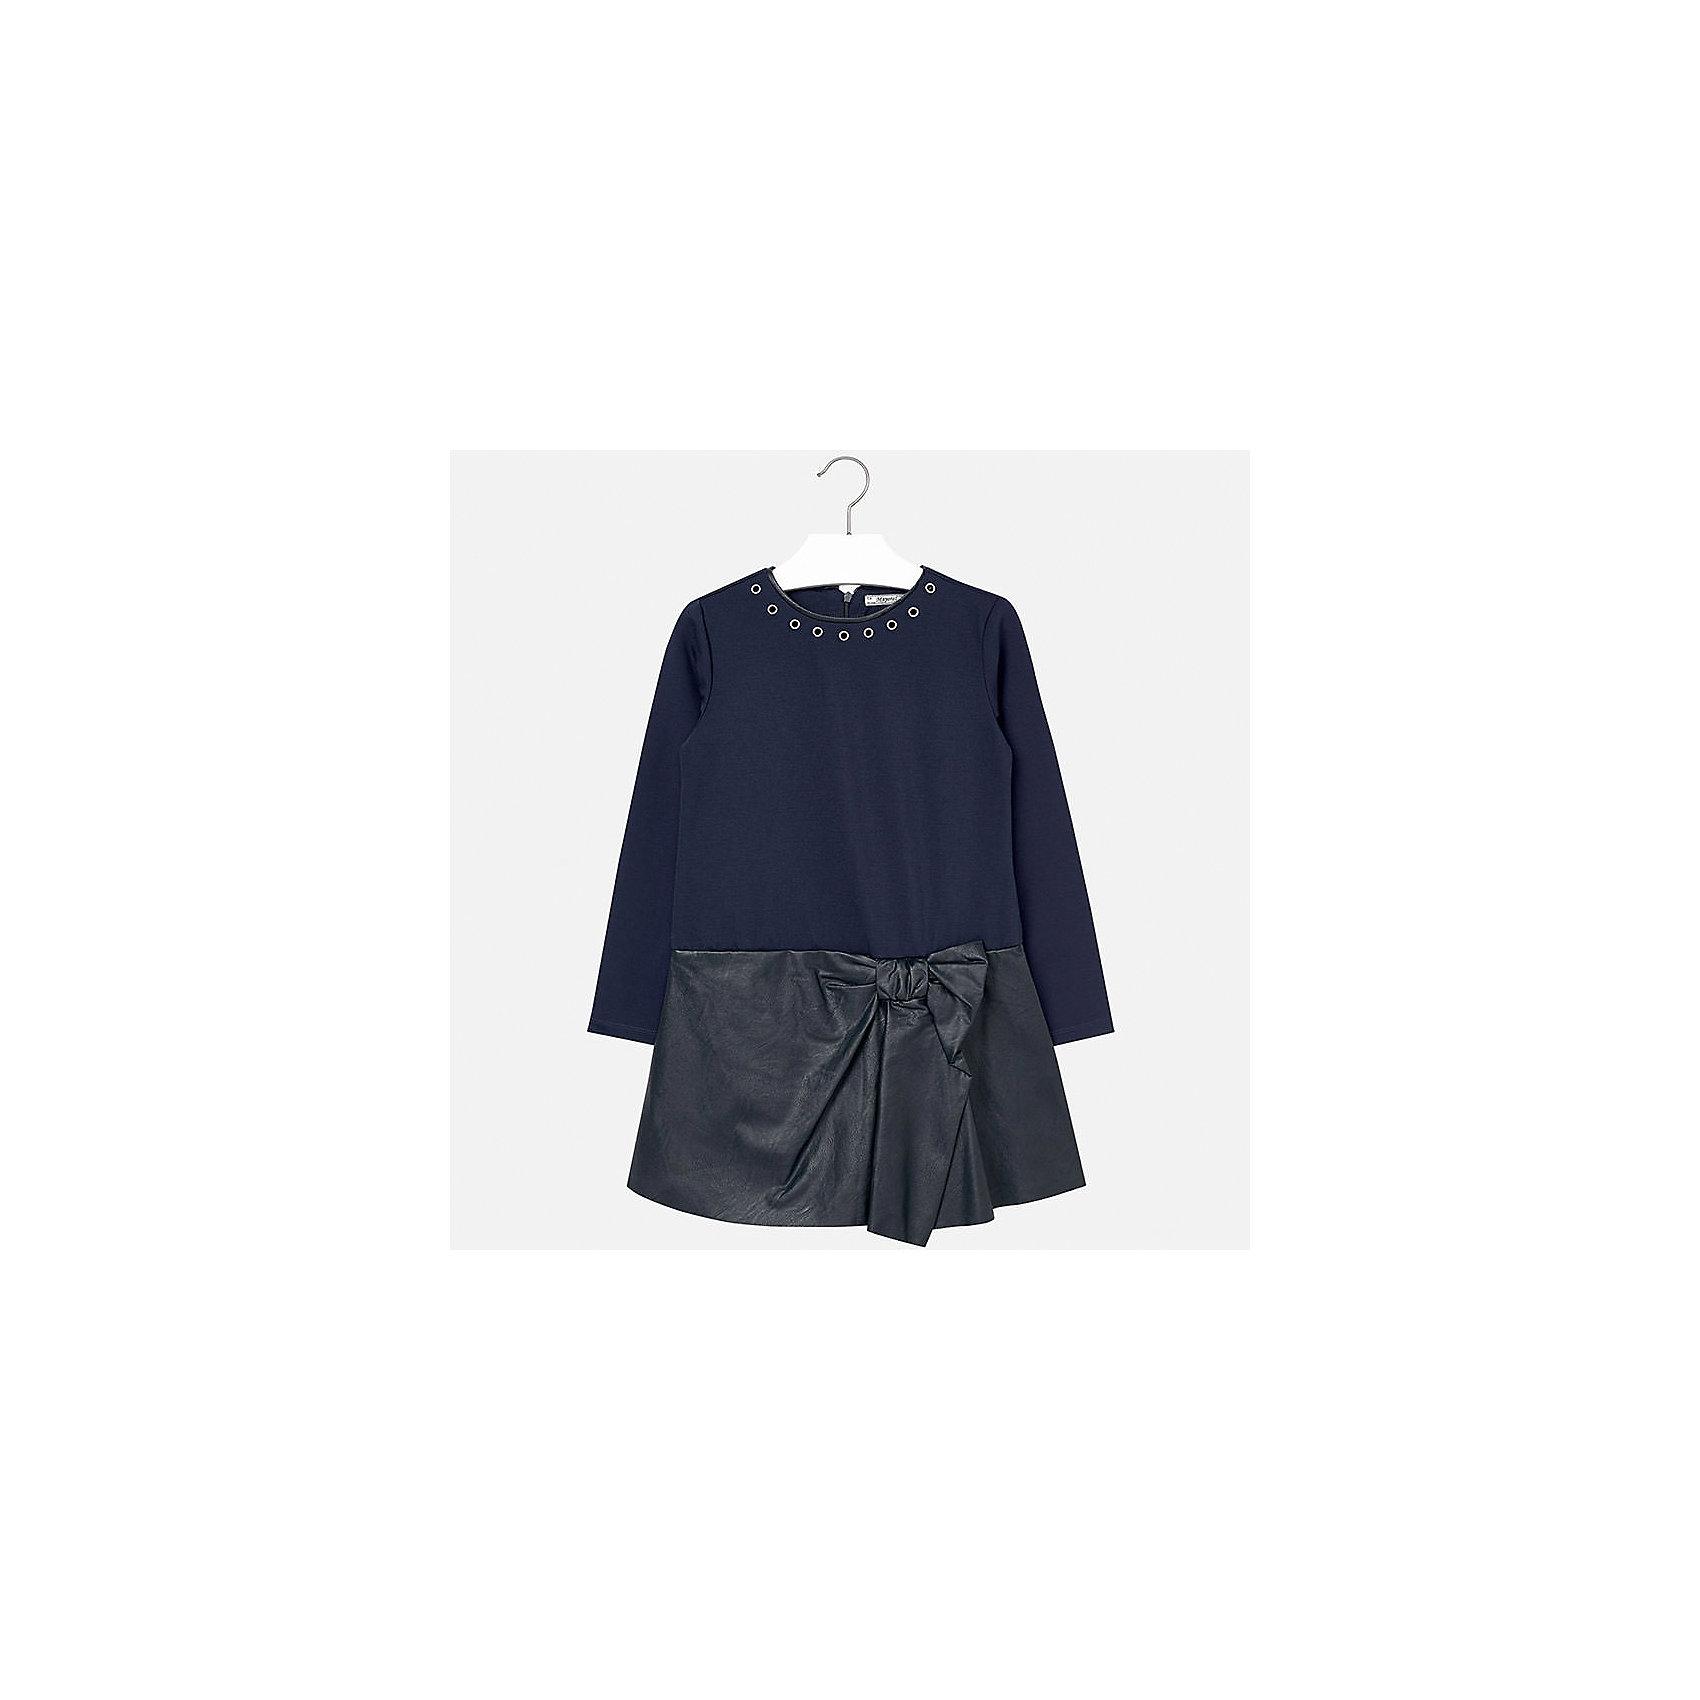 Платье для девочки MayoralОсенне-зимние платья и сарафаны<br>Платье для девочки Mayoral (Майорал) от известного испанского бренда Mayoral. Платье выполнено из сочетания трикотажа плотной двойной вязки и кожзаменителя высокого качества. У платья длинный рукав, сзади имеется потайная молния, юбка имеет оригинальное оформление с имитацией завязанного банта.  Круглая горловина обработана узким кантом из кожзаменителя, вдоль гогловины имеются  круглые металлические колечки. Верх изделия выполнен в темно-синем цвете, низ – черный. Платье из кожзаменителя идеально подойдет в качестве праздничного варианта одежды.<br><br>Дополнительная информация:<br><br>- Предназначение: праздничная одежда<br>- Цвет: темно-синий, черный<br>- Пол: для девочки<br>- Состав: 92% полиэстер, 8% эластан; подклад 100% хлопок<br>- Сезон: осень-зима<br>- Особенности ухода: стирка при температуре 30 градусов, химчистка, глажение<br><br>Подробнее:<br><br>• Для детей в возрасте: от 8 лет и до 16 лет<br>• Страна производитель: Китай<br>• Торговый бренд: Mayoral<br><br>Платье для девочки Mayoral (Майорал) можно купить в нашем интернет-магазине.<br><br>Ширина мм: 236<br>Глубина мм: 16<br>Высота мм: 184<br>Вес г: 177<br>Цвет: синий<br>Возраст от месяцев: 132<br>Возраст до месяцев: 144<br>Пол: Женский<br>Возраст: Детский<br>Размер: 134/140,128/134,158/164,146/152,164/170,152/158<br>SKU: 4847542